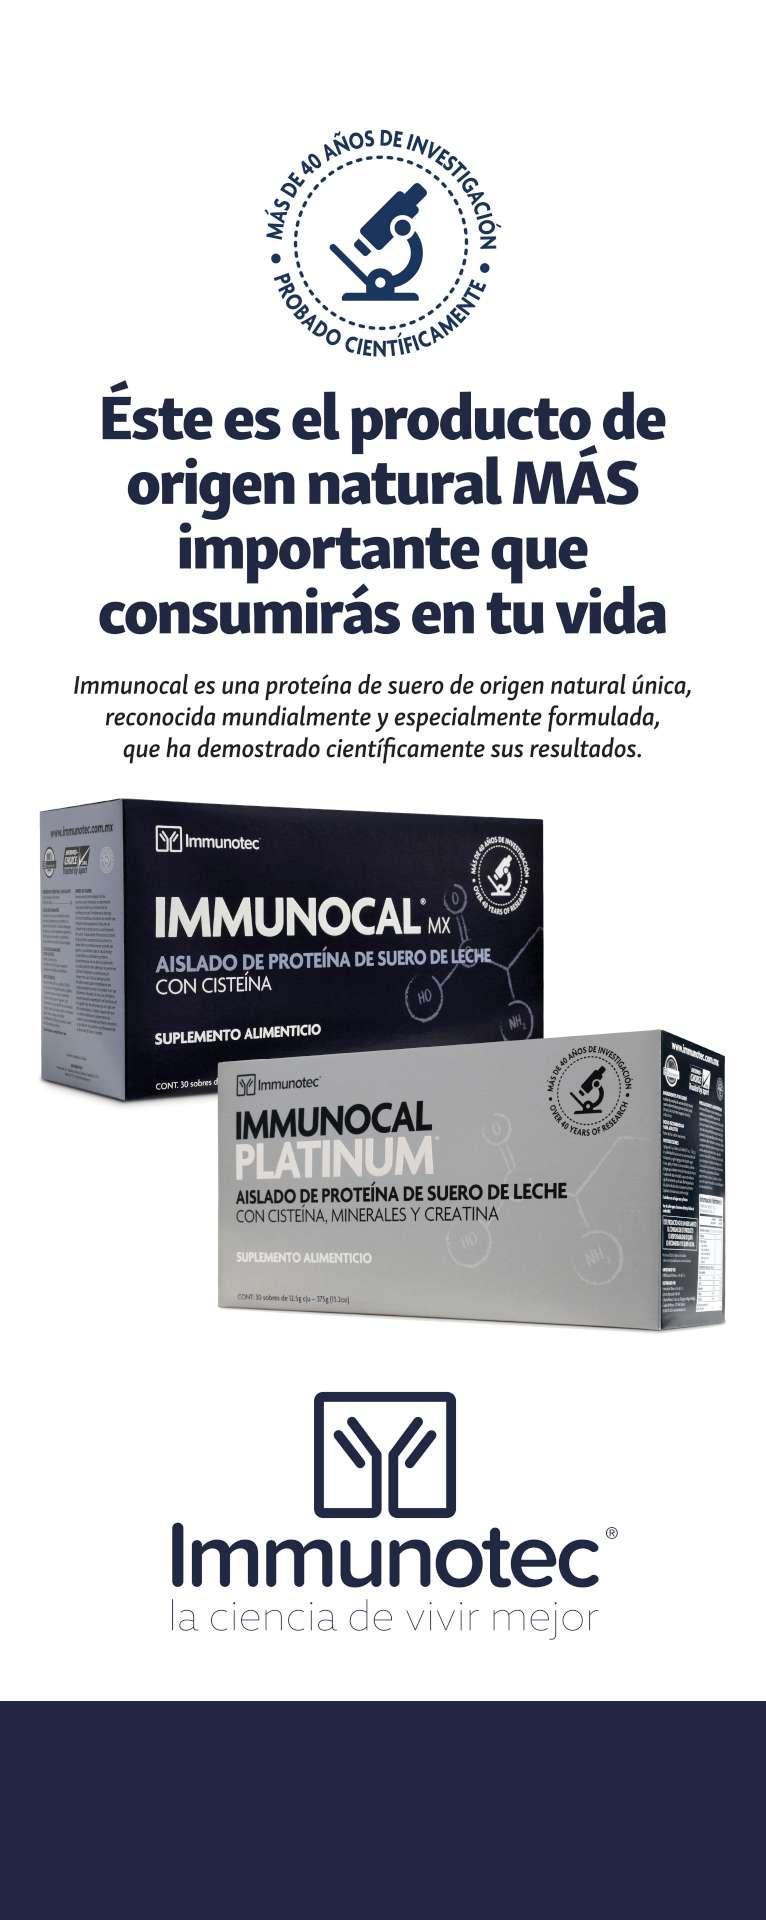 Immunocal